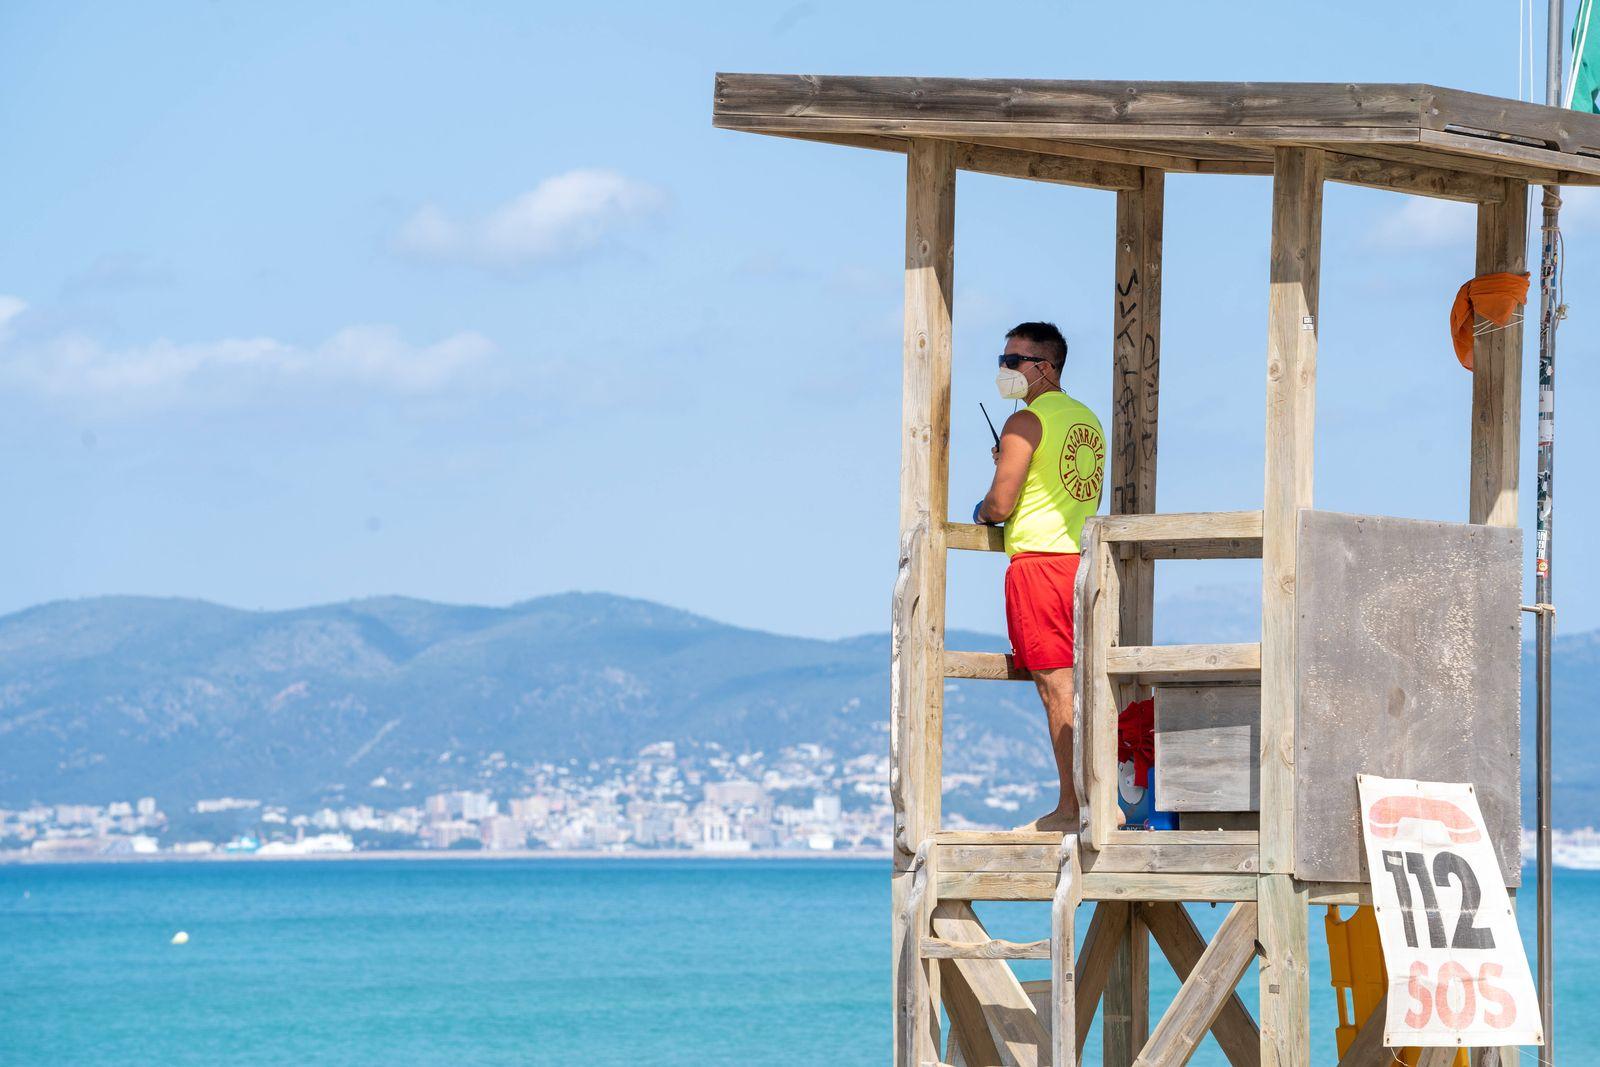 Nach dem Corona-Shutdown - Vor dem Neustart des Tourismus auf Mallorca Spanien Szenen aus Playa de Palma - Rettungsschw